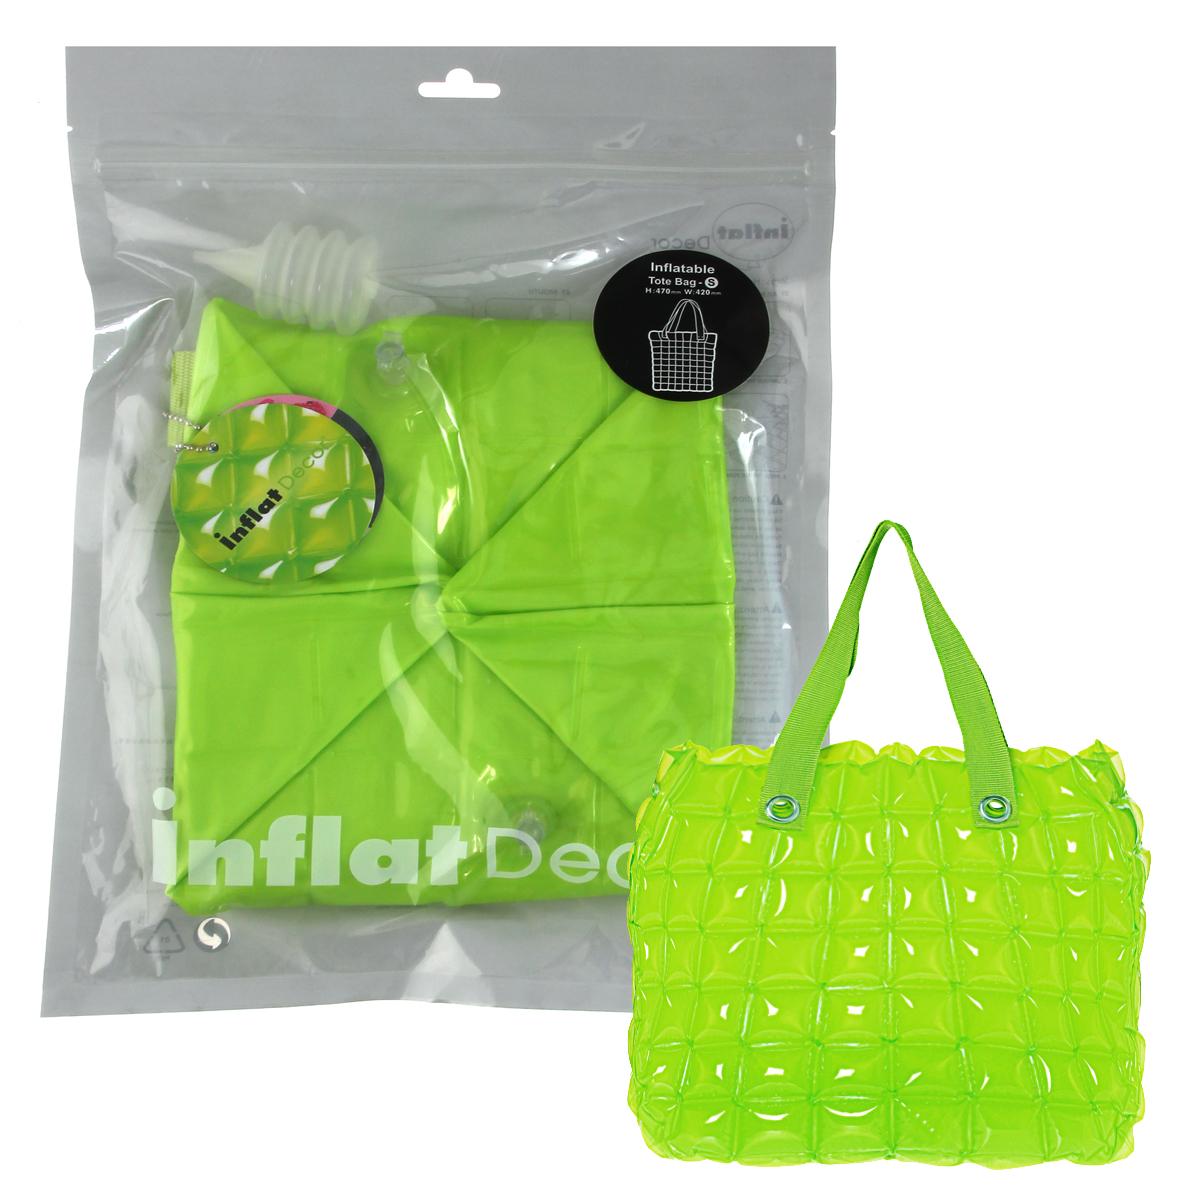 Сумка надувная Inflat Decor, цвет: лайм. 0079ГризлиЯркая надувная сумка - великолепный аксессуар на лето! Сумка прямоугольной формы выполнена из ПВХ и снабжена ручками из полиэстера. Сумка легко надувается при помощи мини-насоса (входит в комплект) или рта. В сдутом виде сумка очень компактна и не займет много места. Надувная вместительная сумка - отличное решение для отдыха на пляже. Характеристики: Материал: ПВХ, полиэстер.Размер сумки: 33 см х 35,6 см х 14 см.